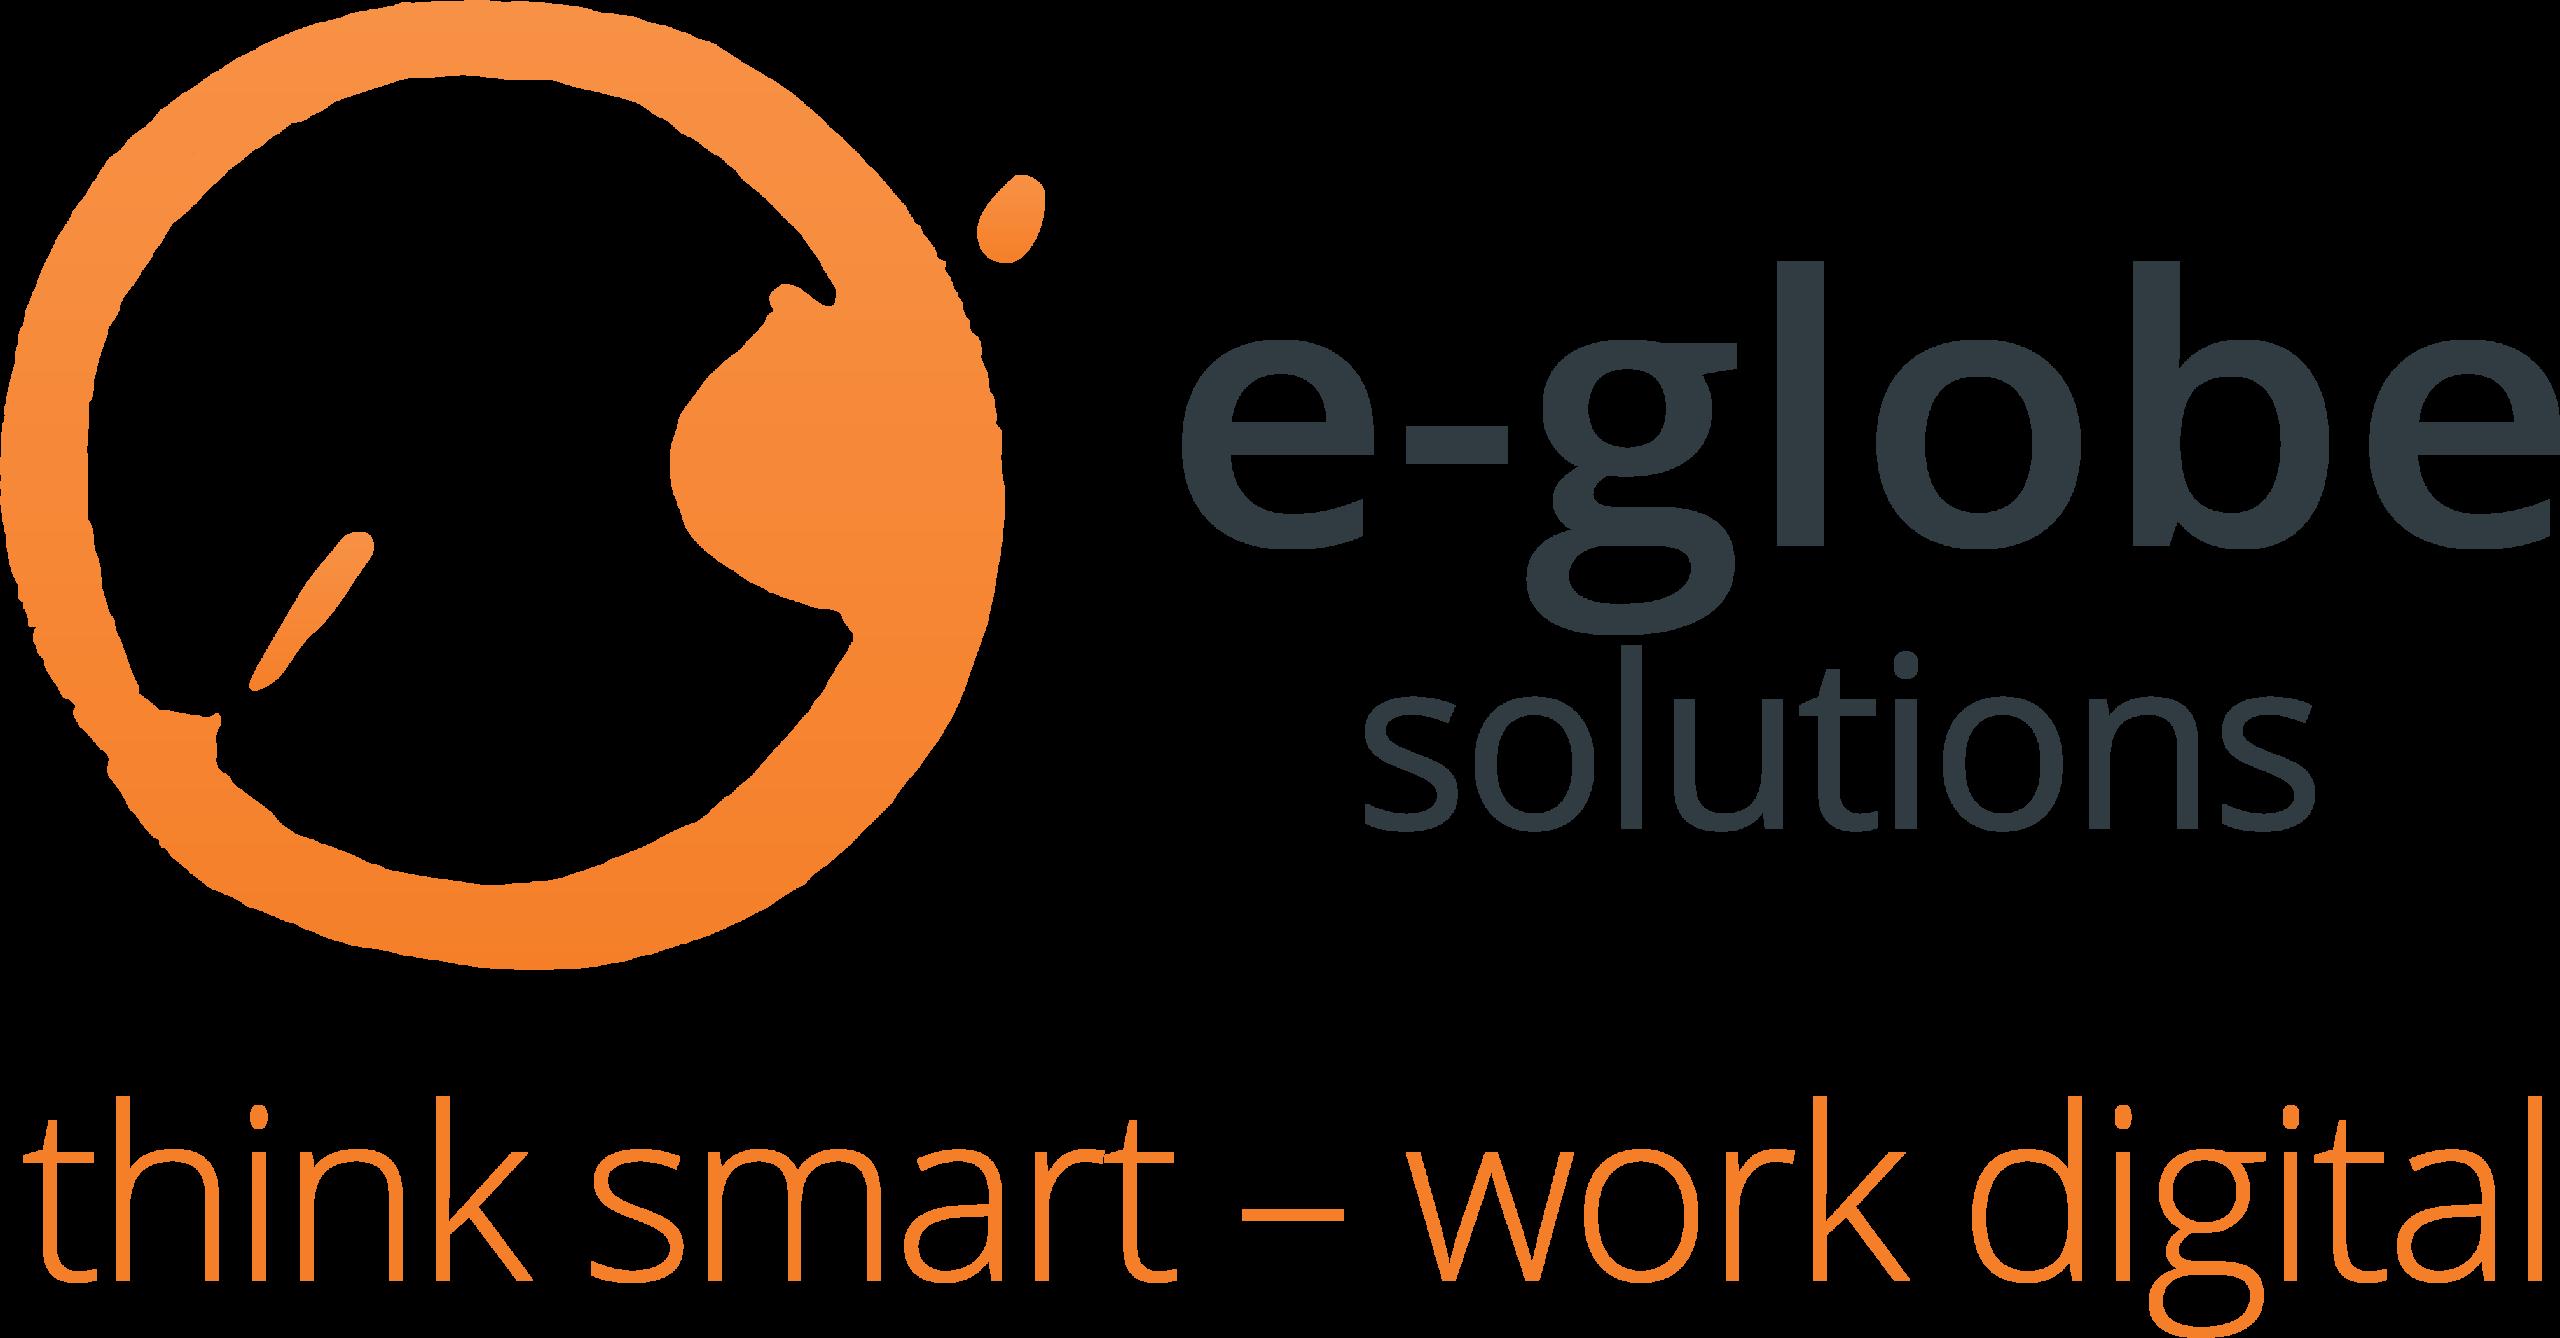 e-globe solutions-marco-fehr-bauherren-podcast-schweiz